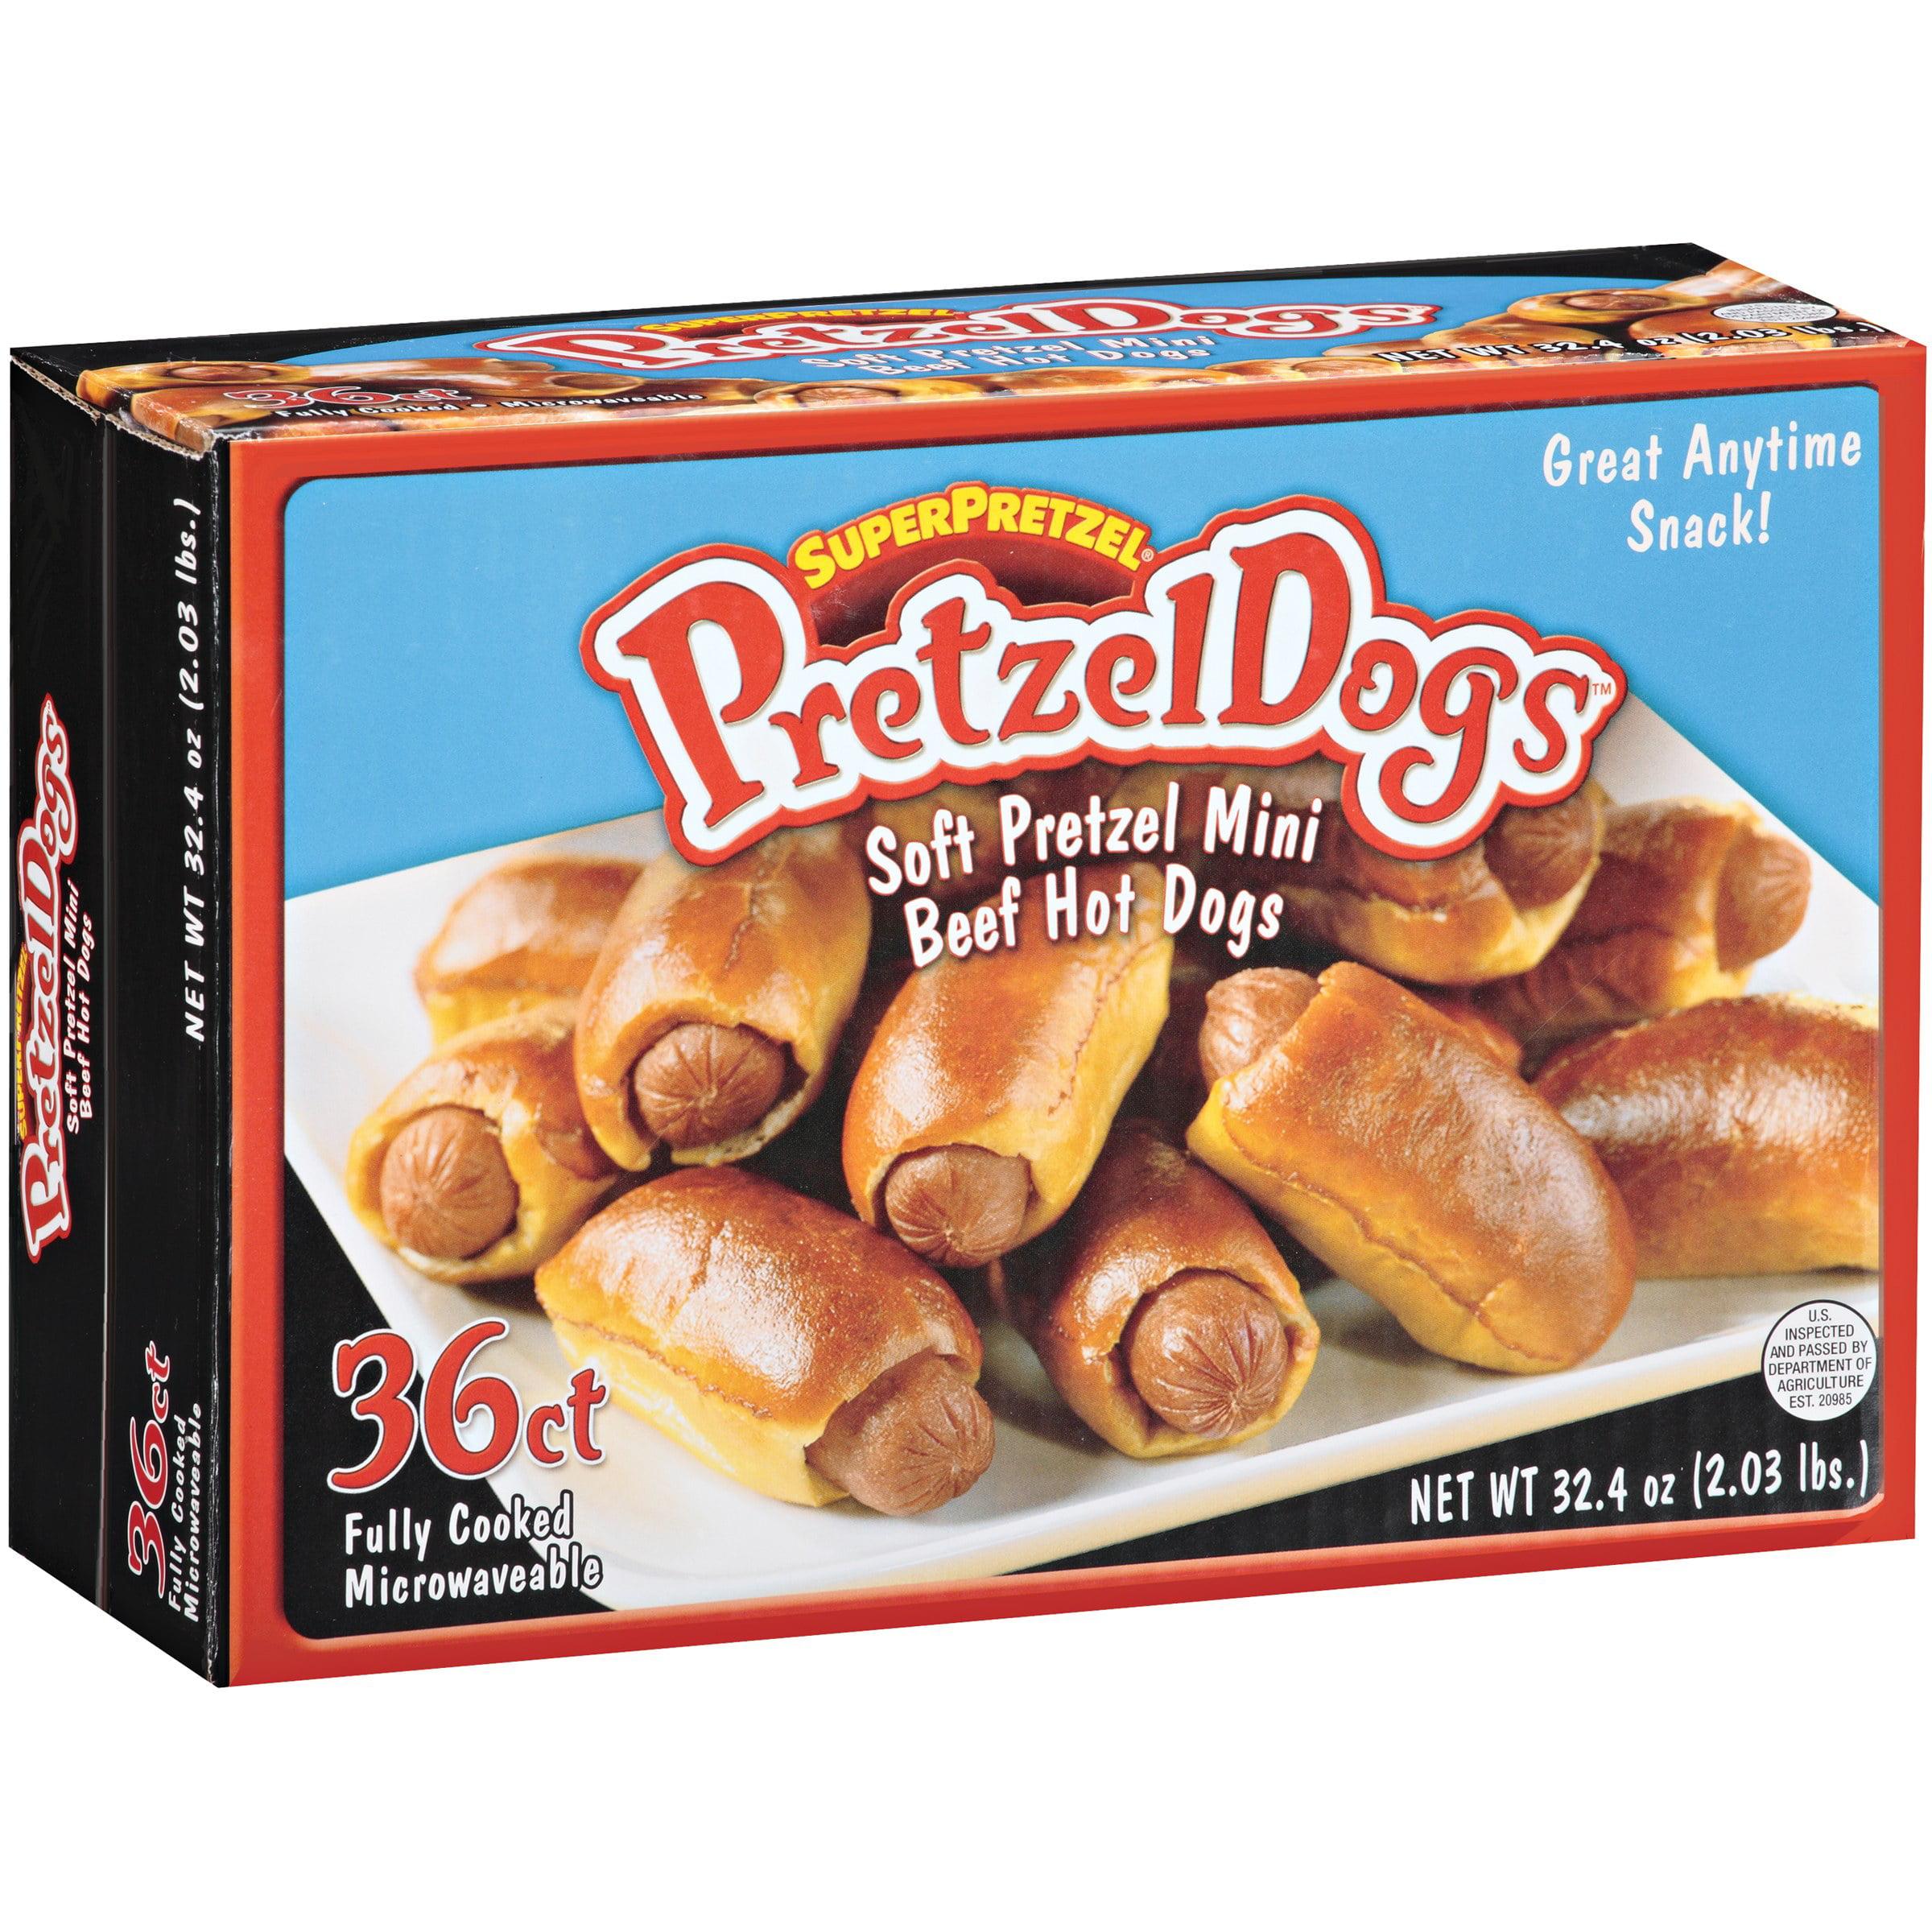 SuperPretzel Pretzel Dogs 36 ct